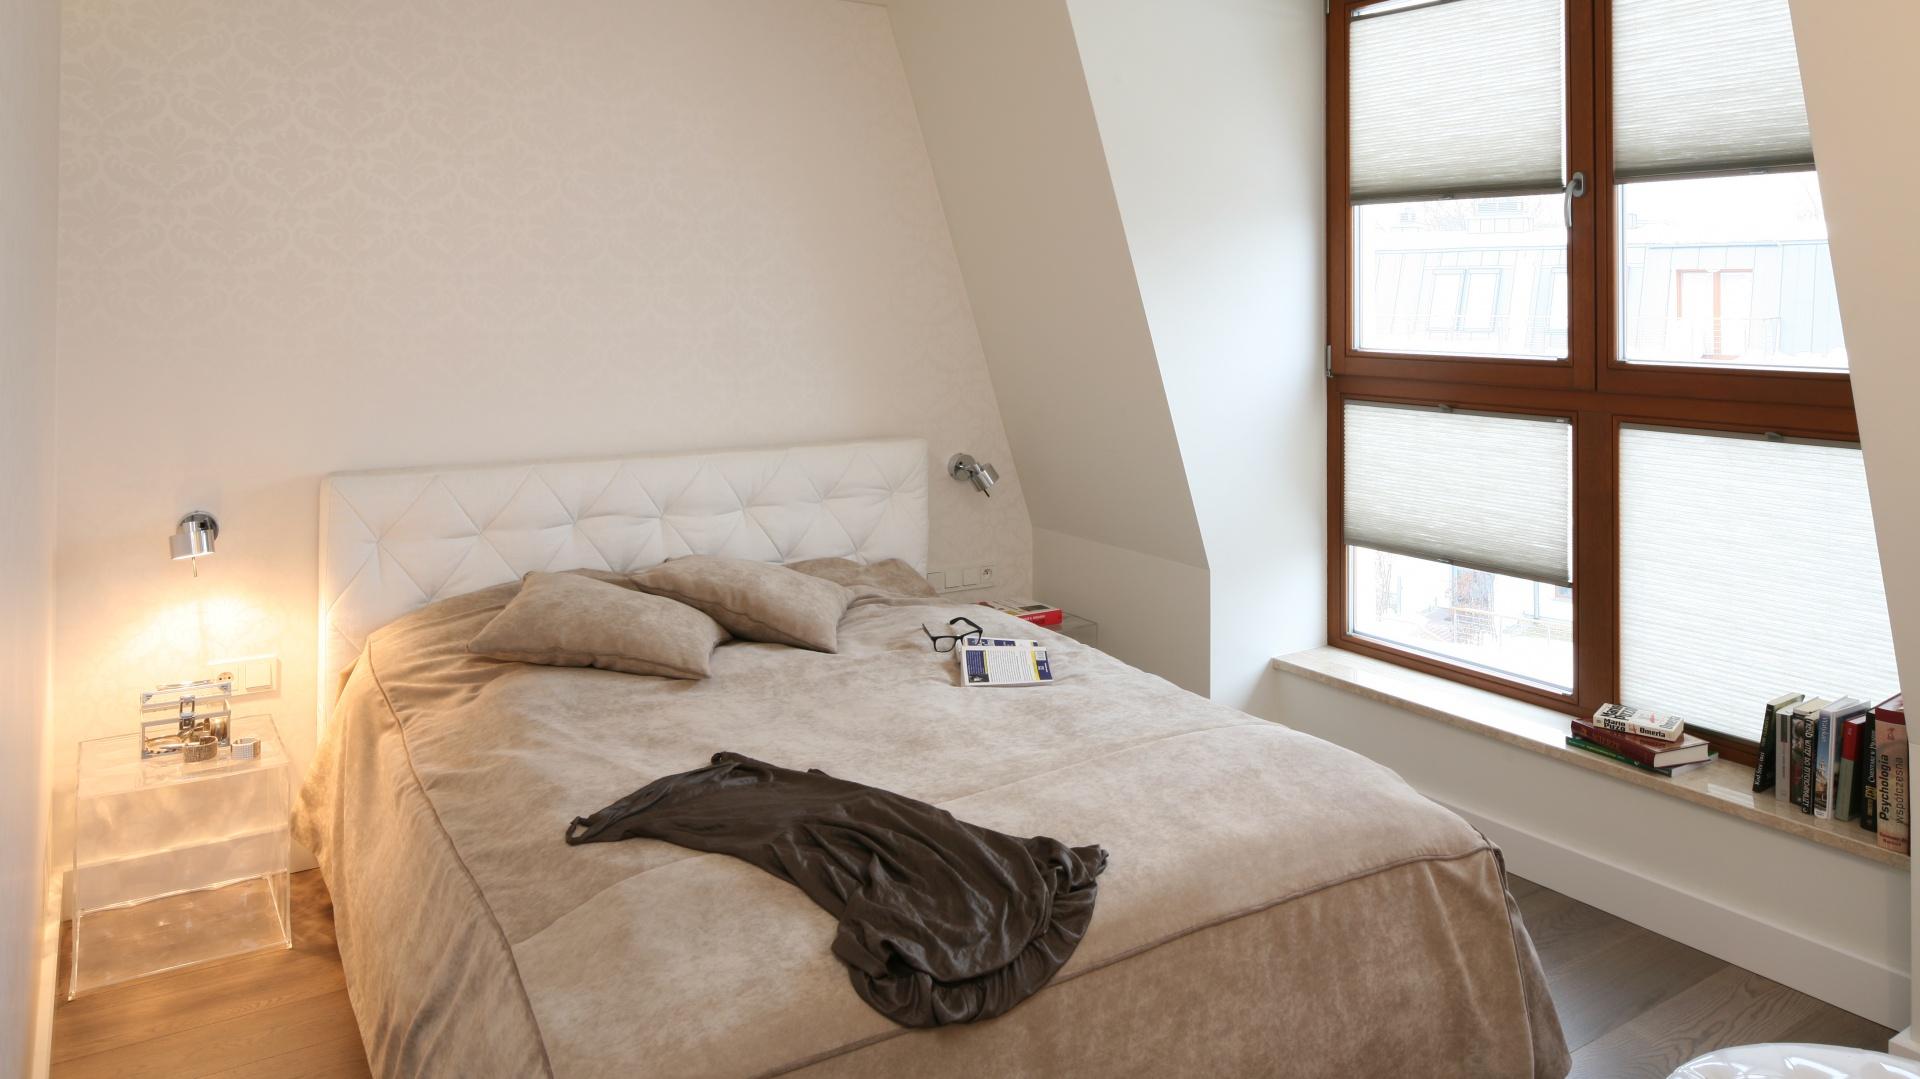 Duże okno otwiera przestrzeń sypialni powiększając ją optycznie. Transparentne kubiki, zamiast tradycyjnych stolików nocnych, dodają wnętrzu lekkości. Projekt: Małgorzata Borzyszkowska. Fot. Bartosz Jarosz.